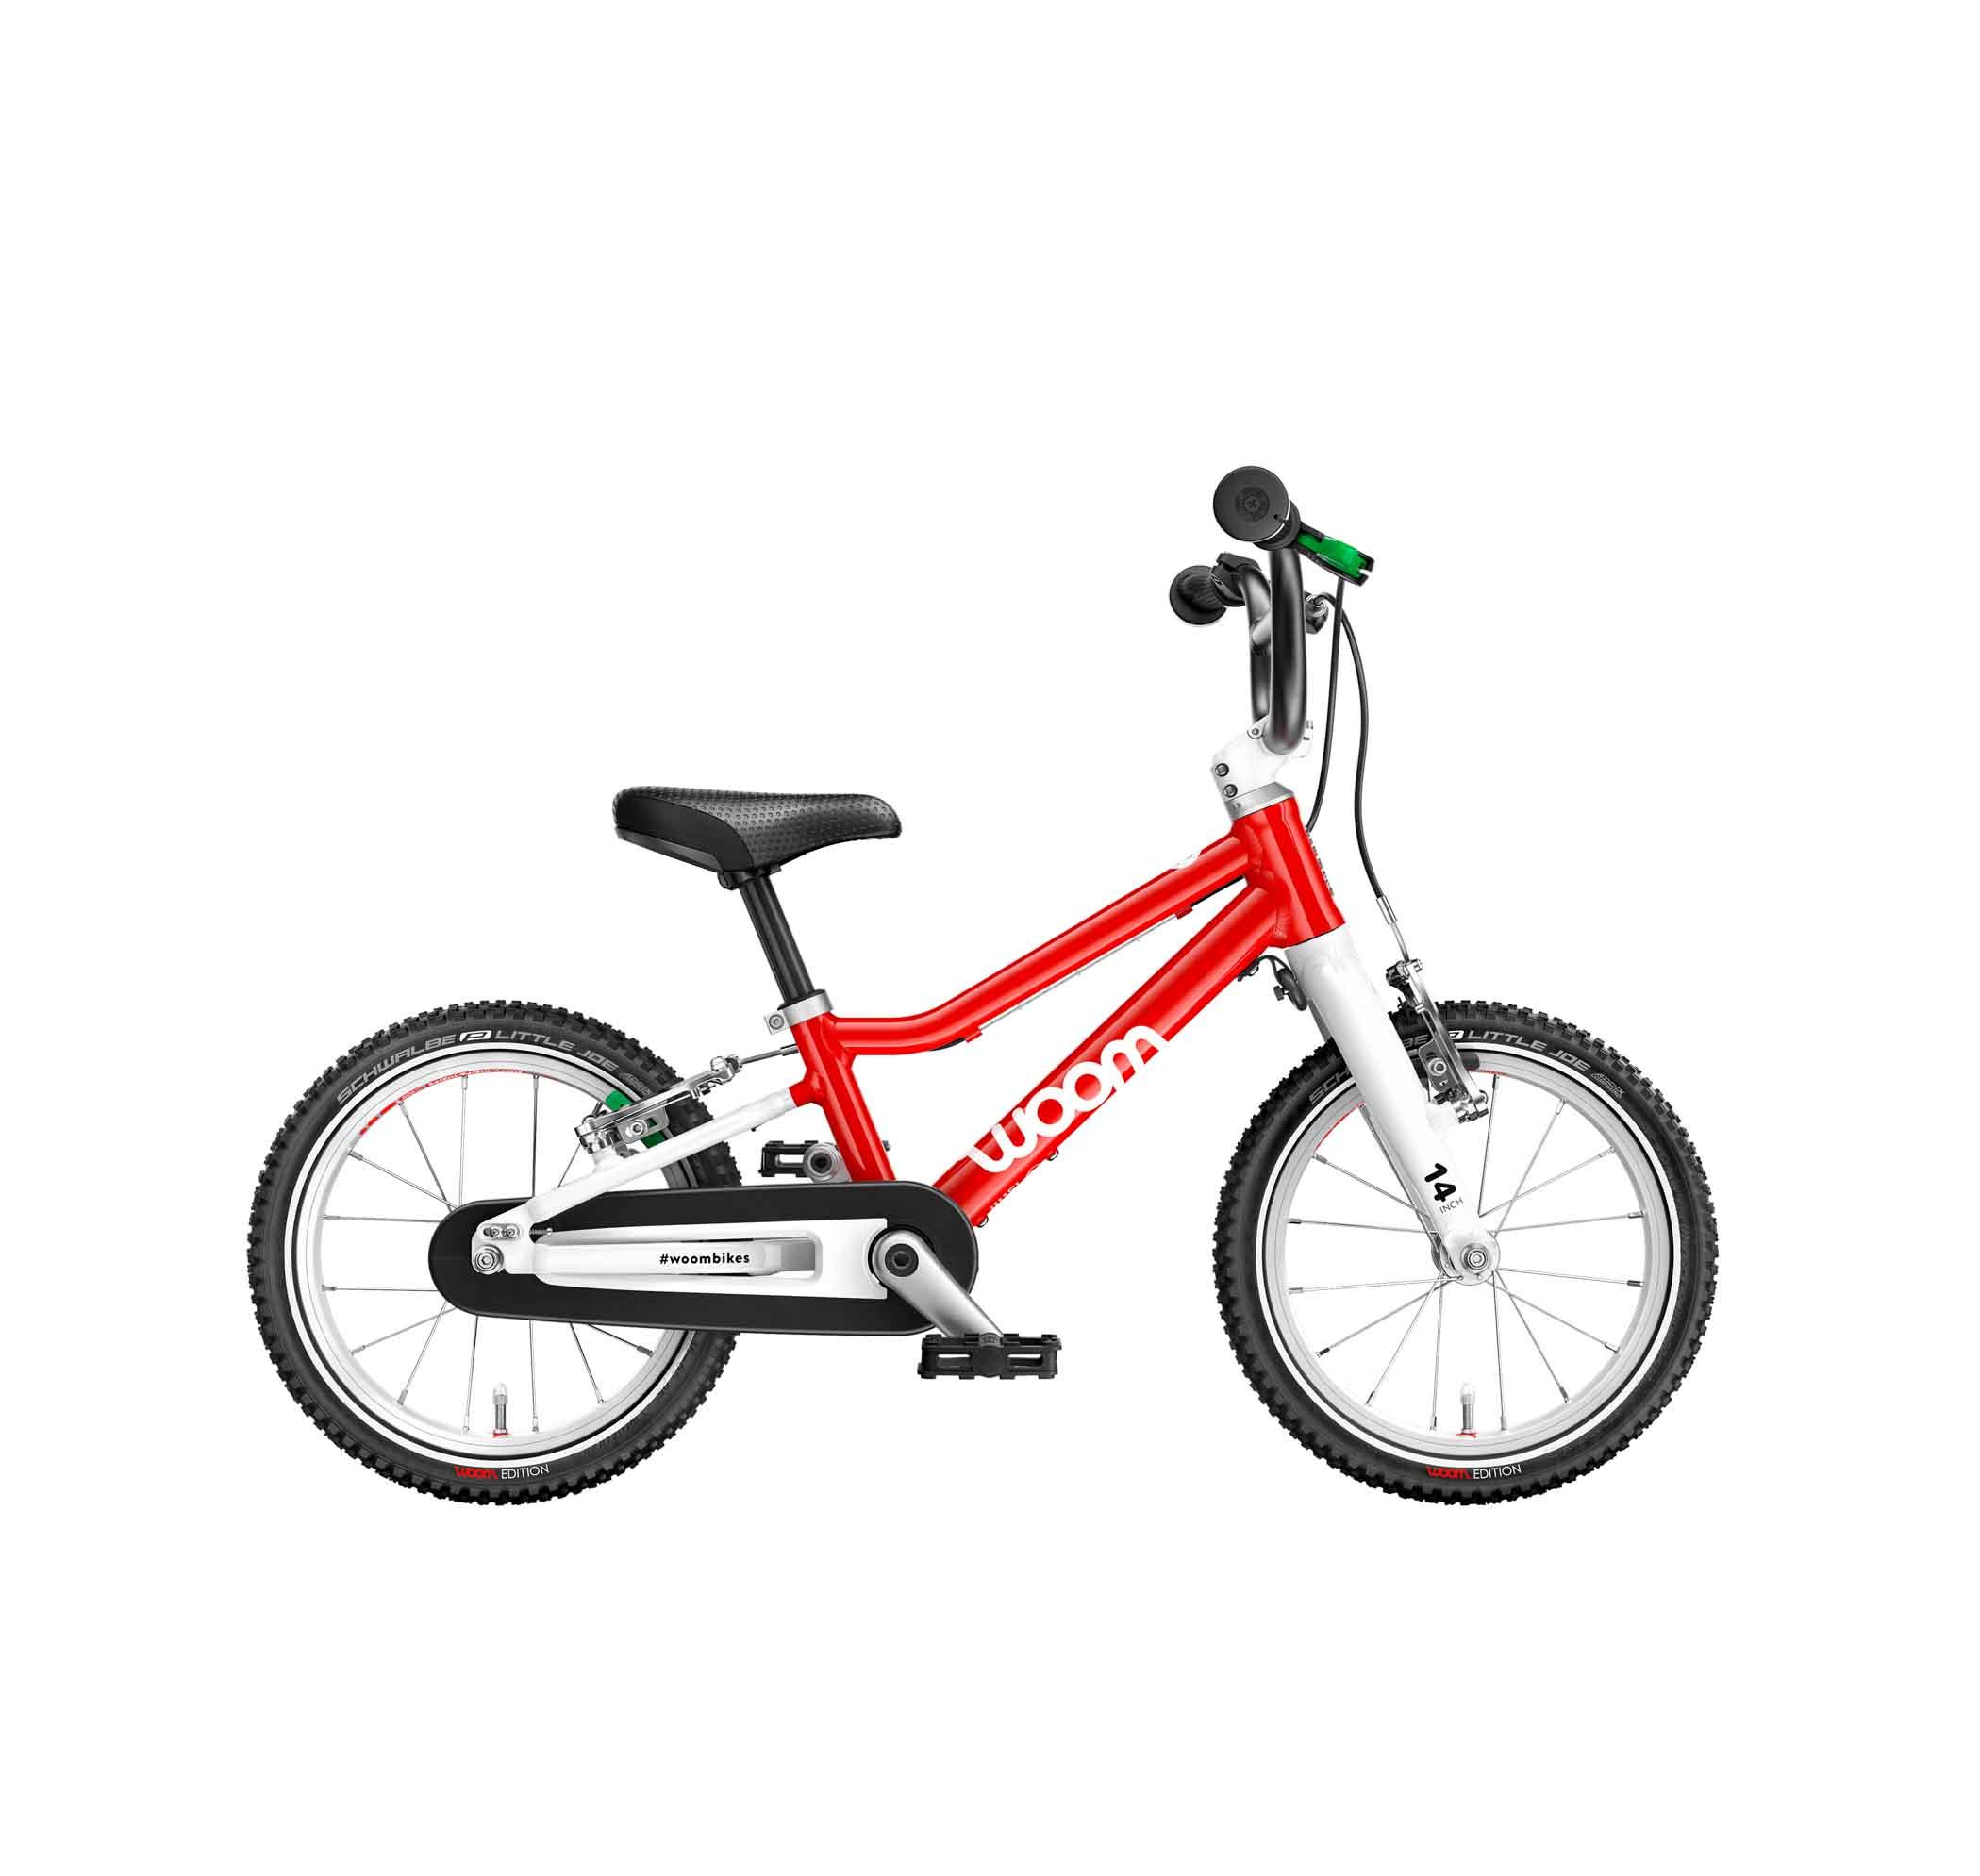 Woom_Rodeo_Bike_Woom_2_Red